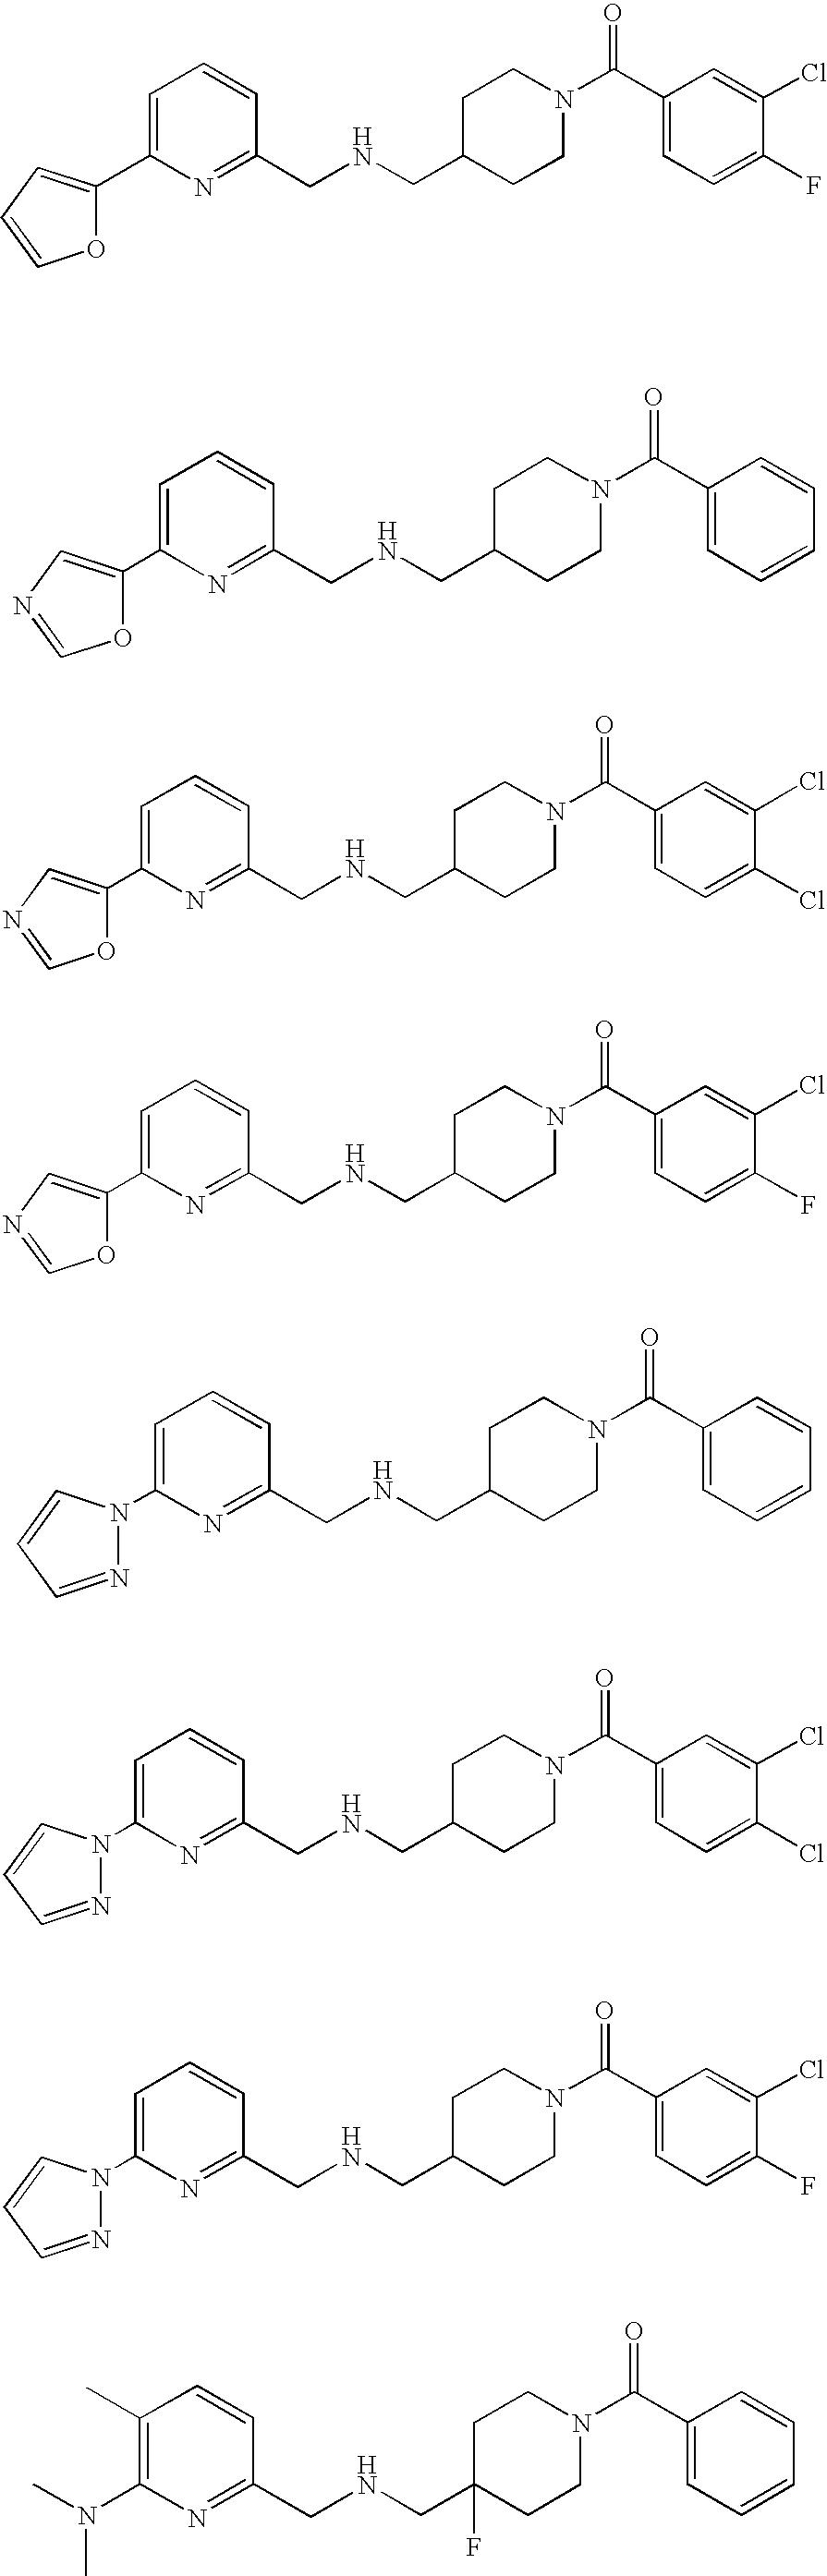 Figure US20100009983A1-20100114-C00212